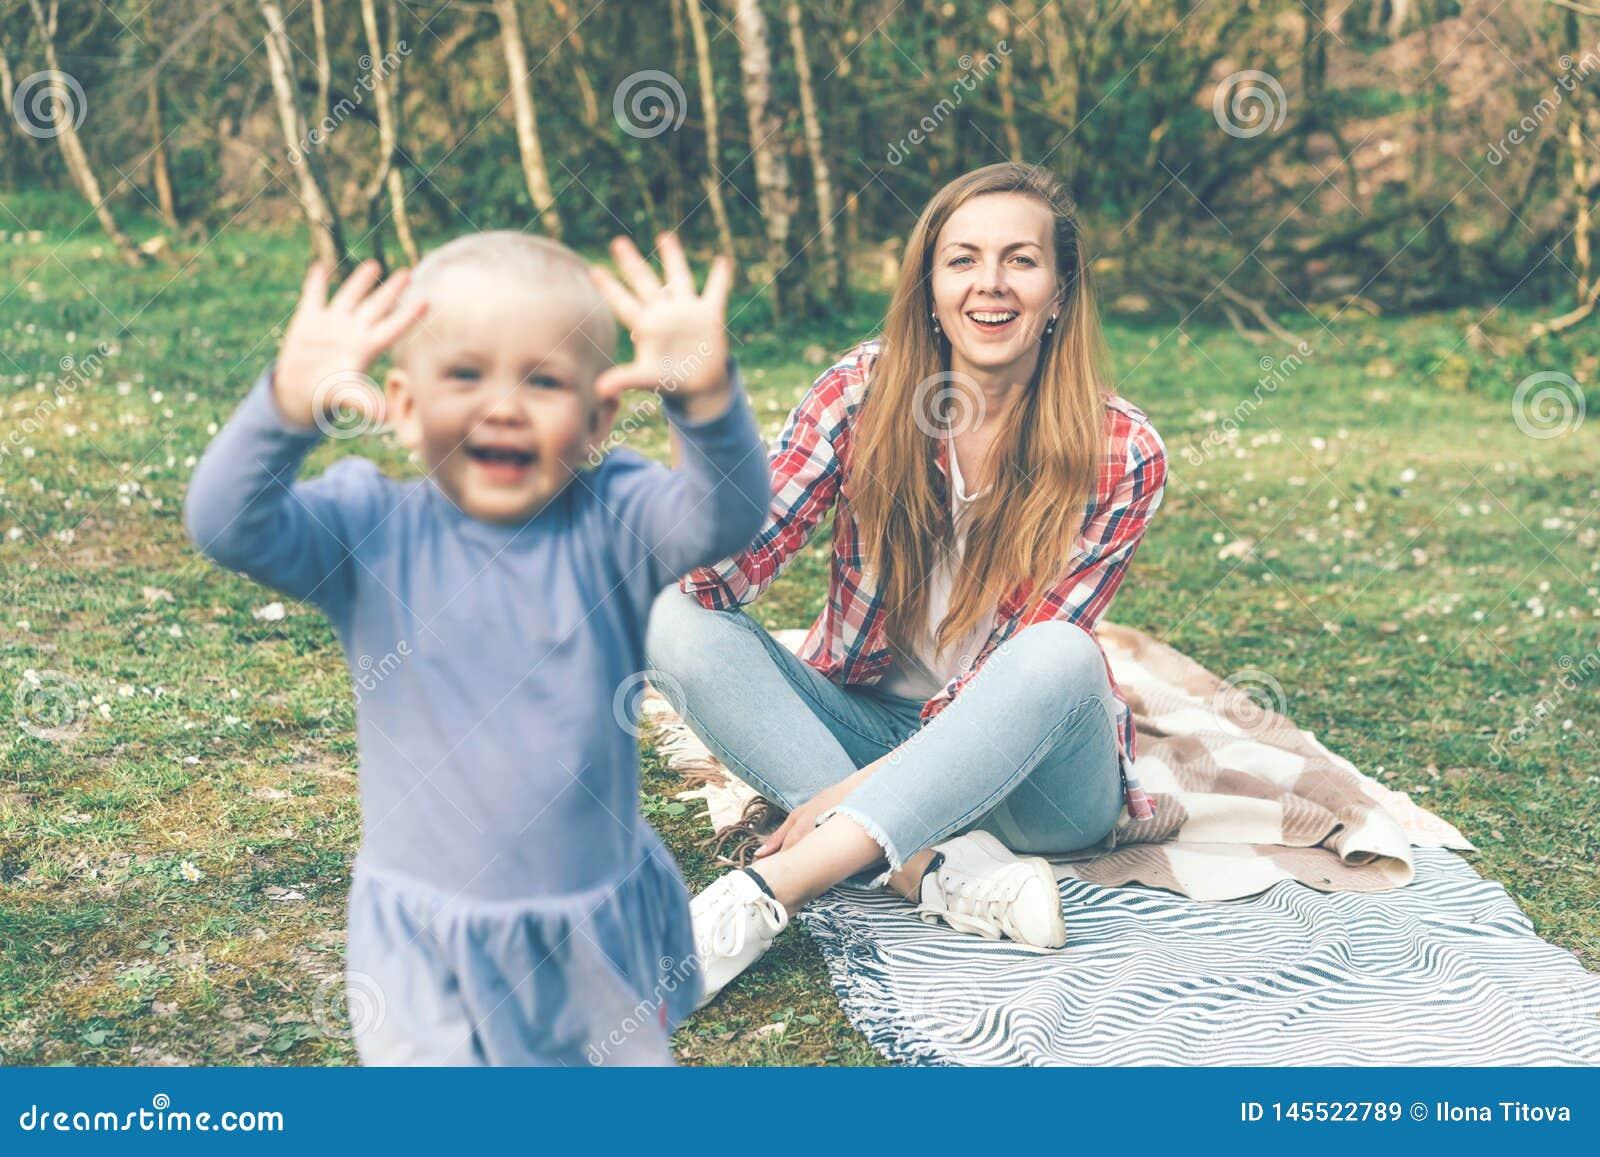 Vraies émotions de joie dans le jour de mère